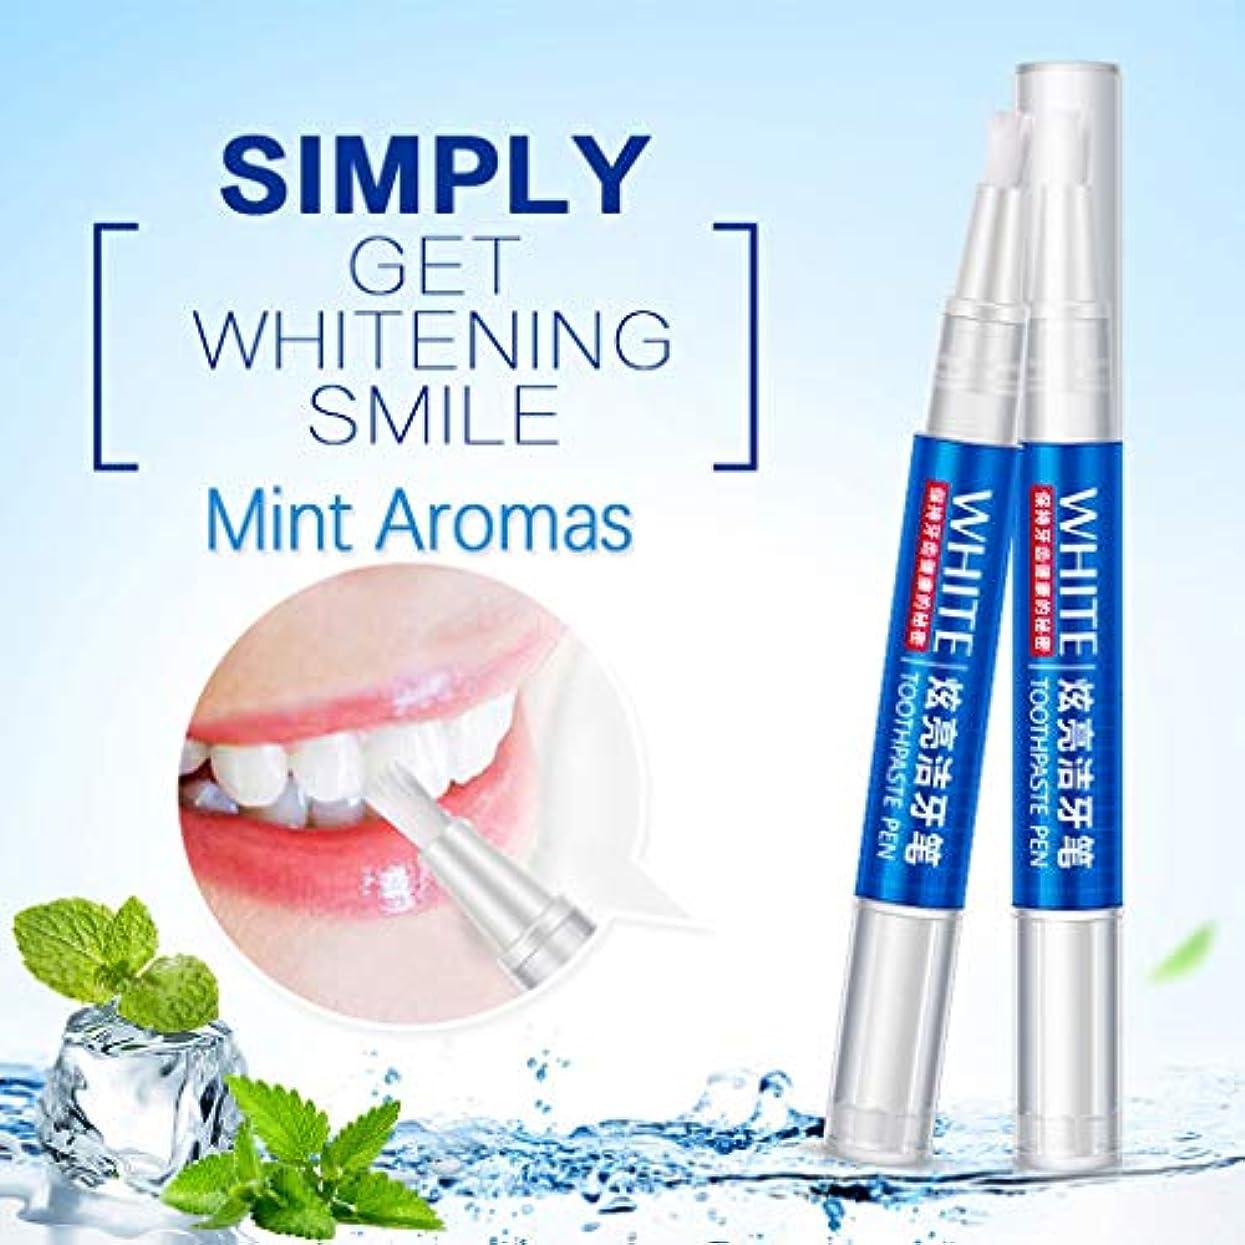 エジプト人化学者仕立て屋Dream ホワイトニング歯ブラシ クリーニングペン 強力な35%カルバミド過酸化歯ホワイトニングジェル 効果的 非敏感 使いやすい 美しい白い笑顔 天然ミント (ホワイト)